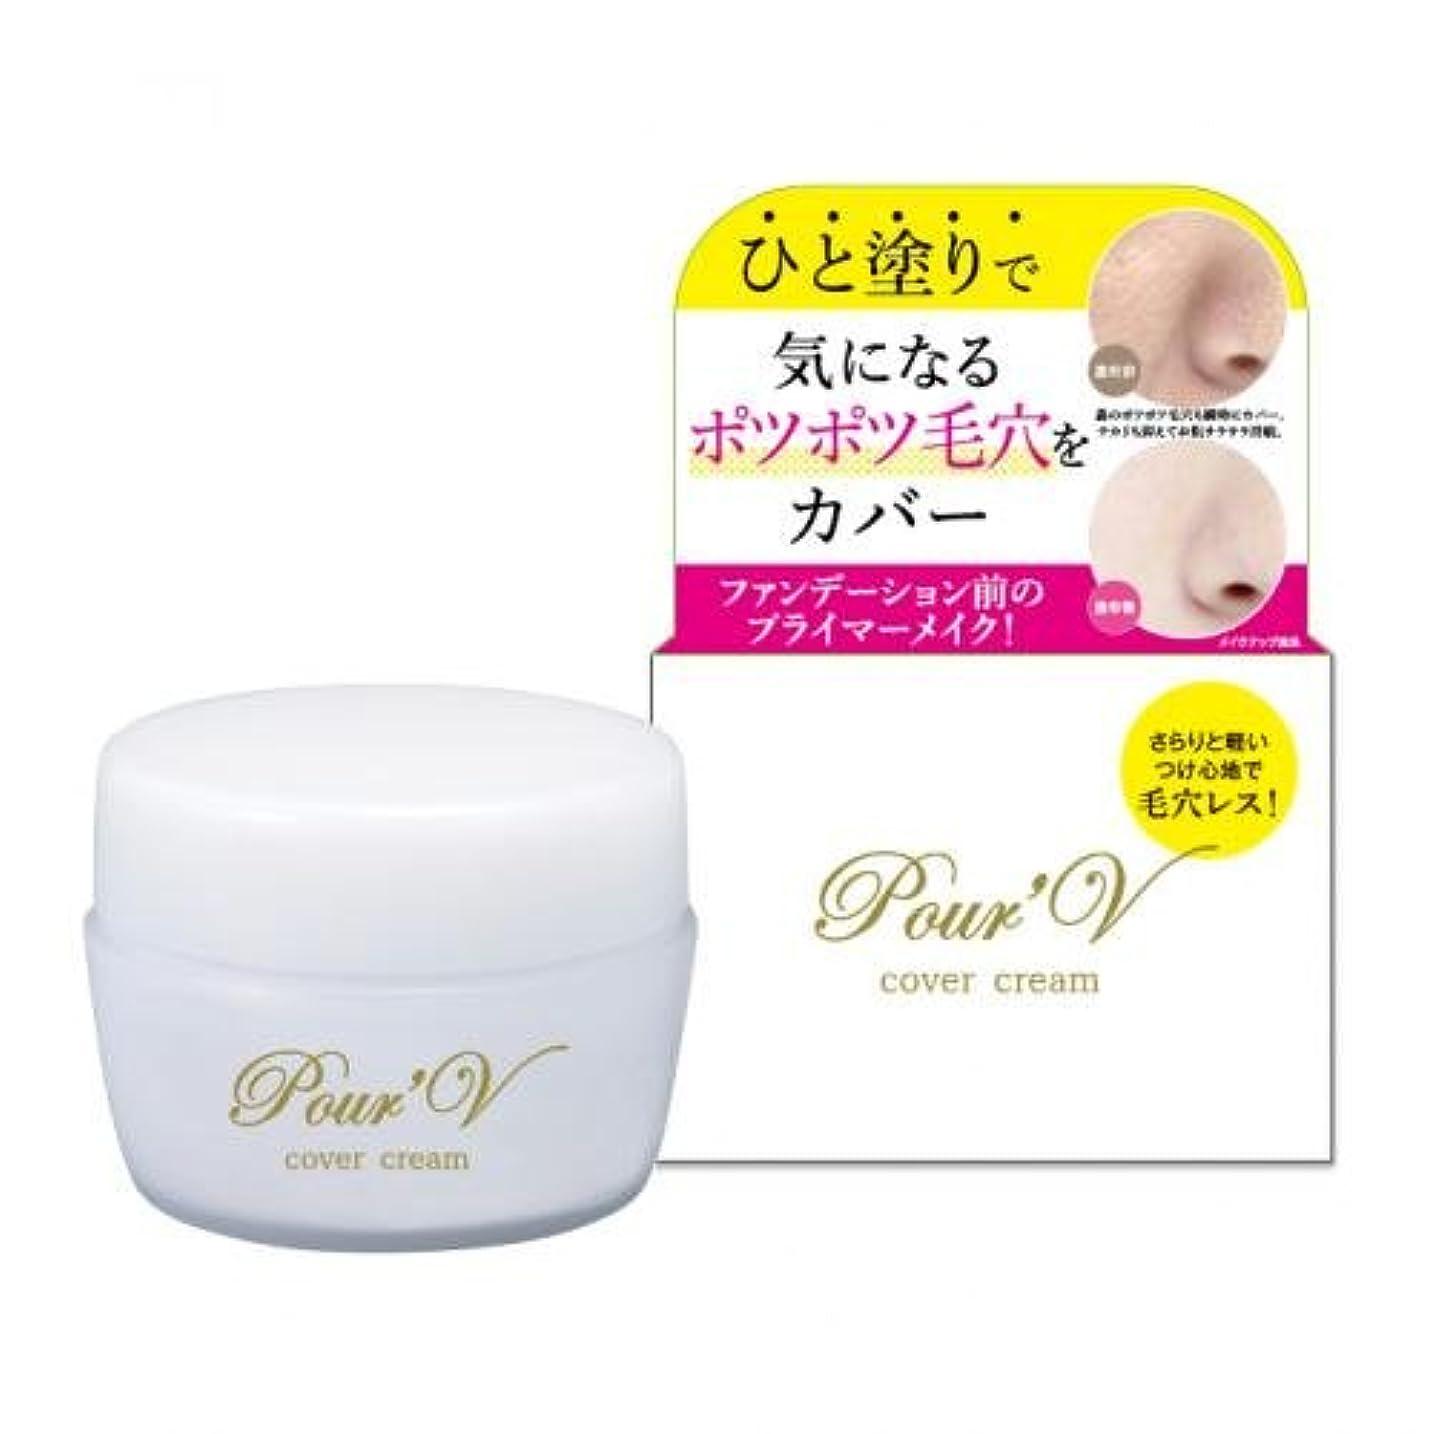 動社説落胆するPour'V プレヴ cover cream